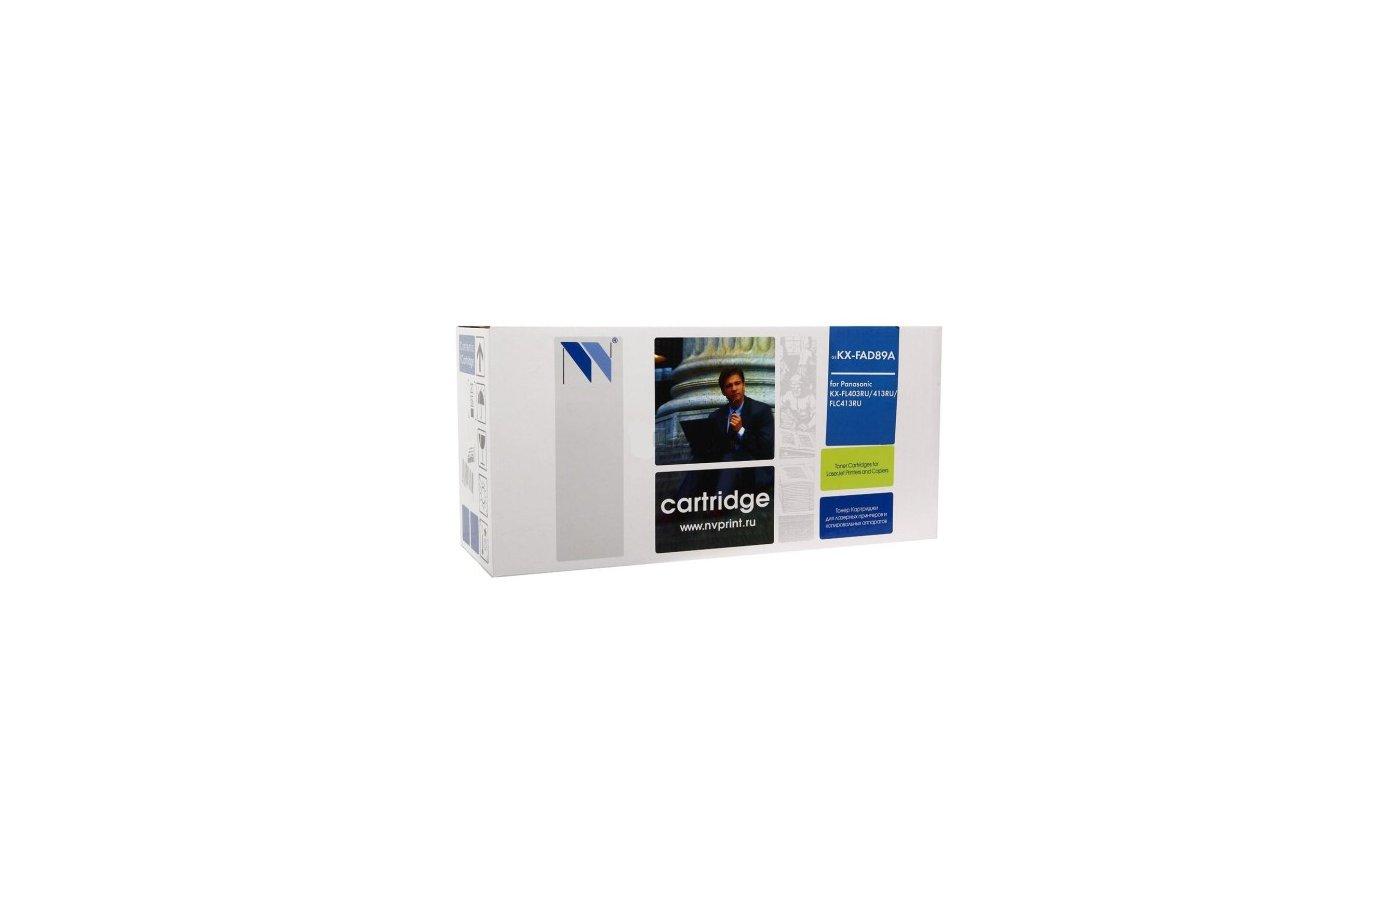 Картридж nv print xerox (013r00625) black для wc 3119 совместимый, 3000 стр